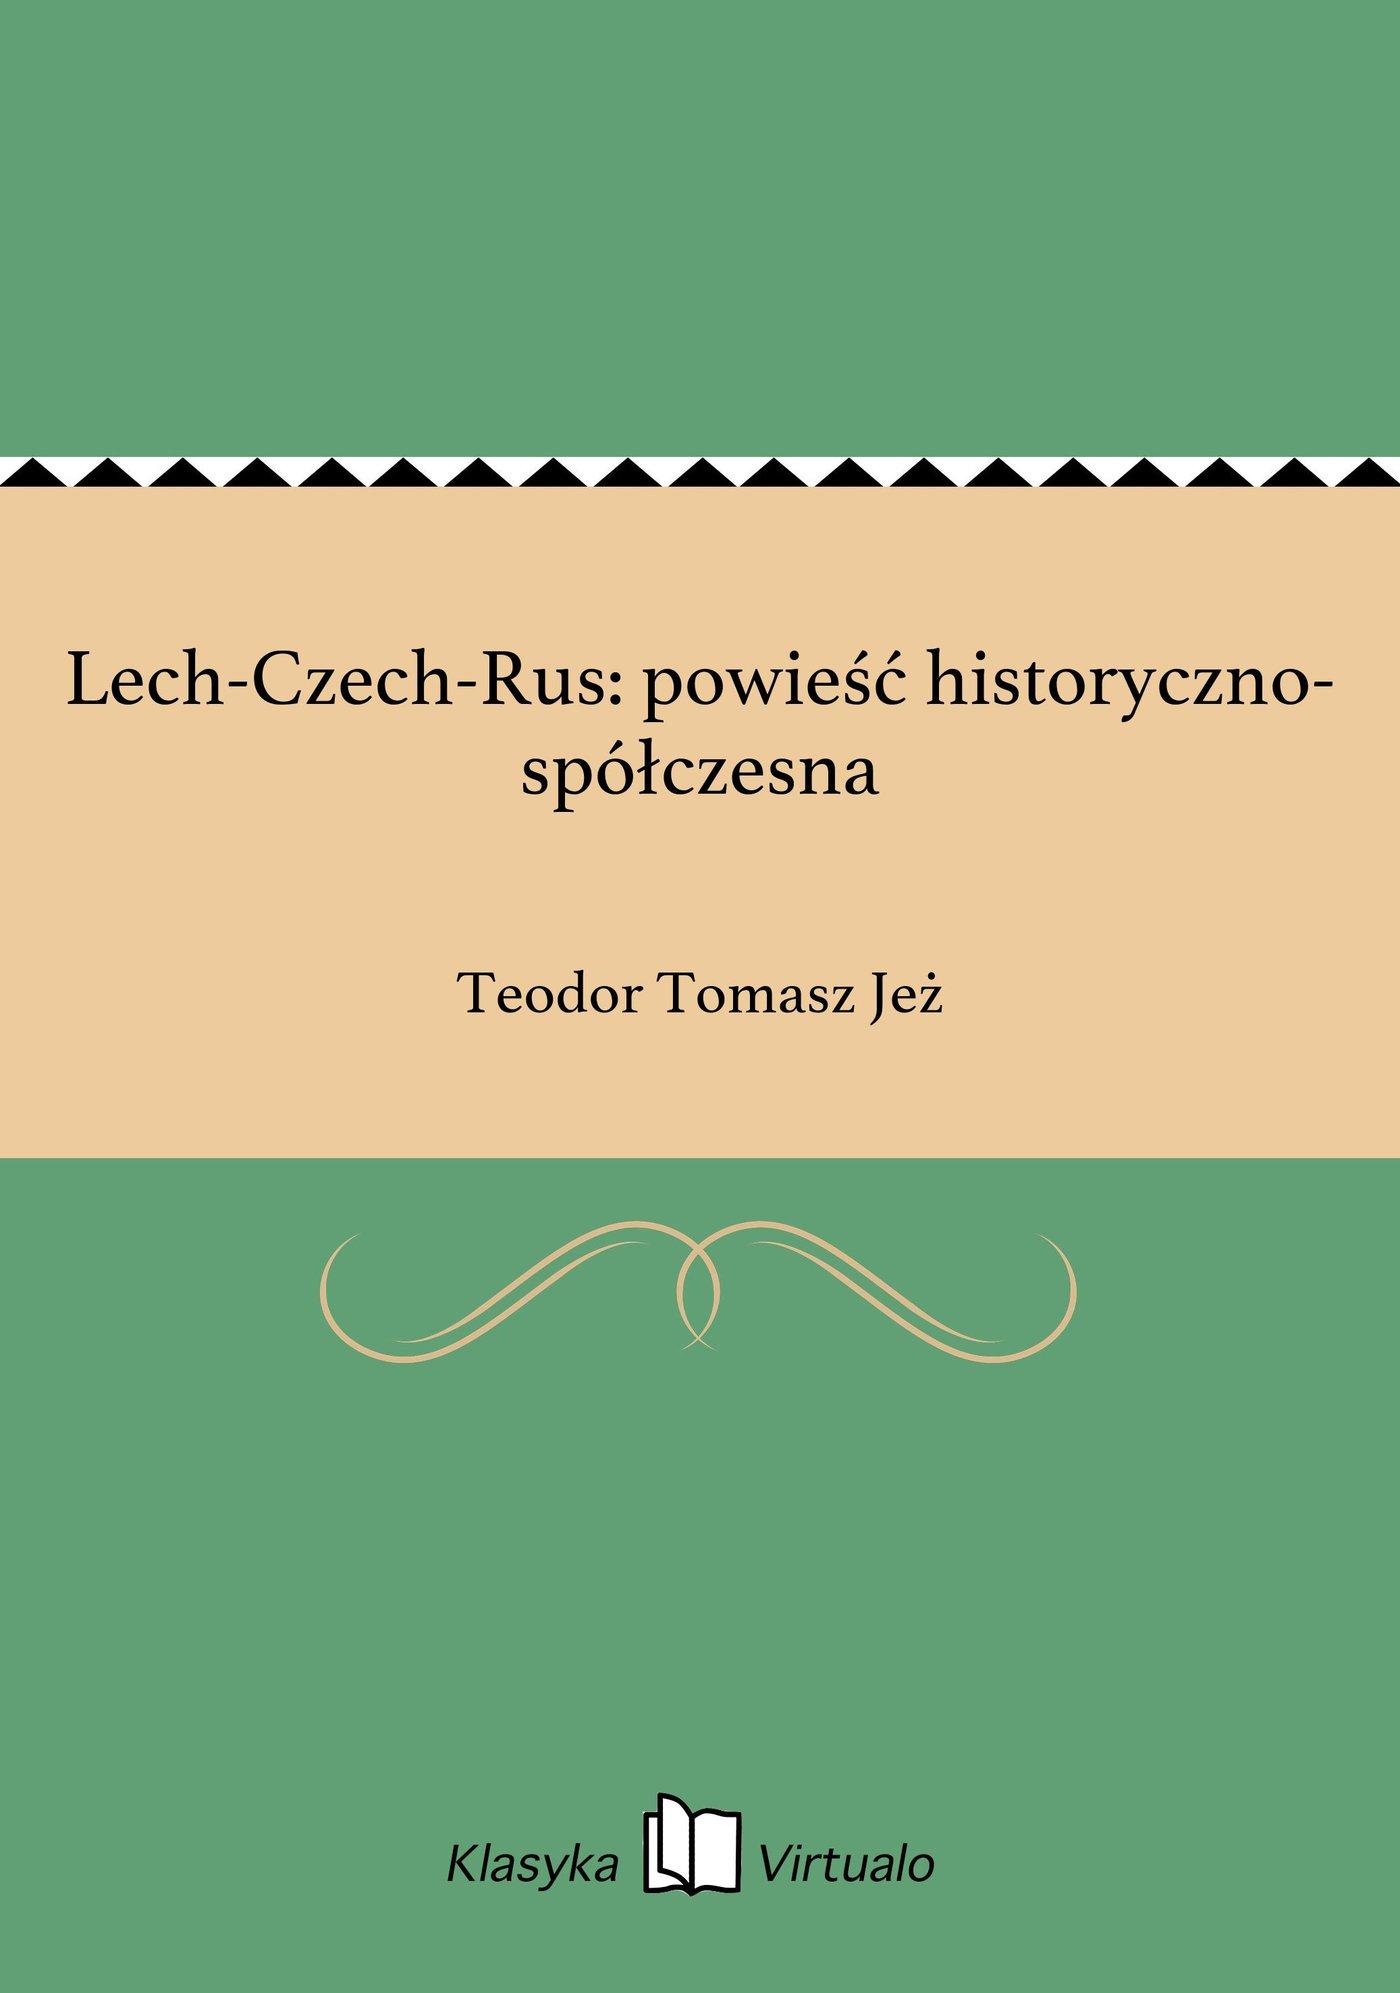 Lech-Czech-Rus: powieść historyczno-spółczesna - Ebook (Książka na Kindle) do pobrania w formacie MOBI